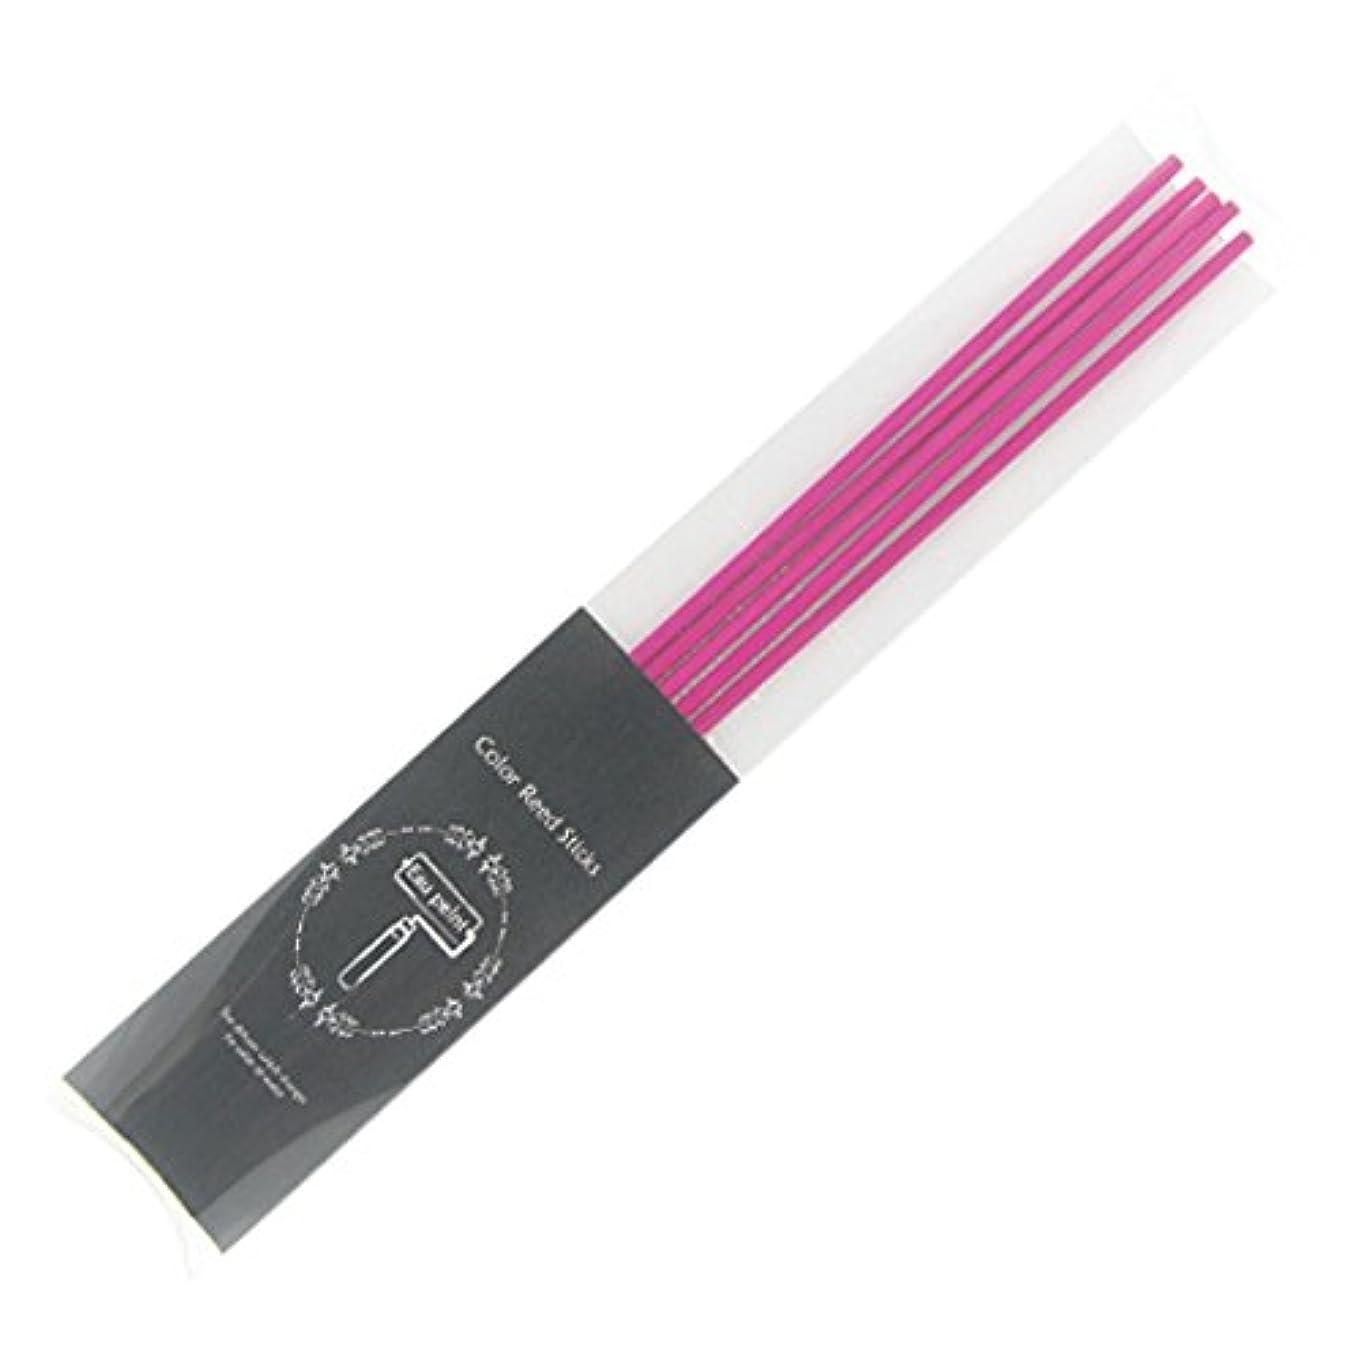 自発的キャメル混合Eau peint mais+ カラースティック リードディフューザー用スティック 5本入 ピンク Pink オーペイント マイス